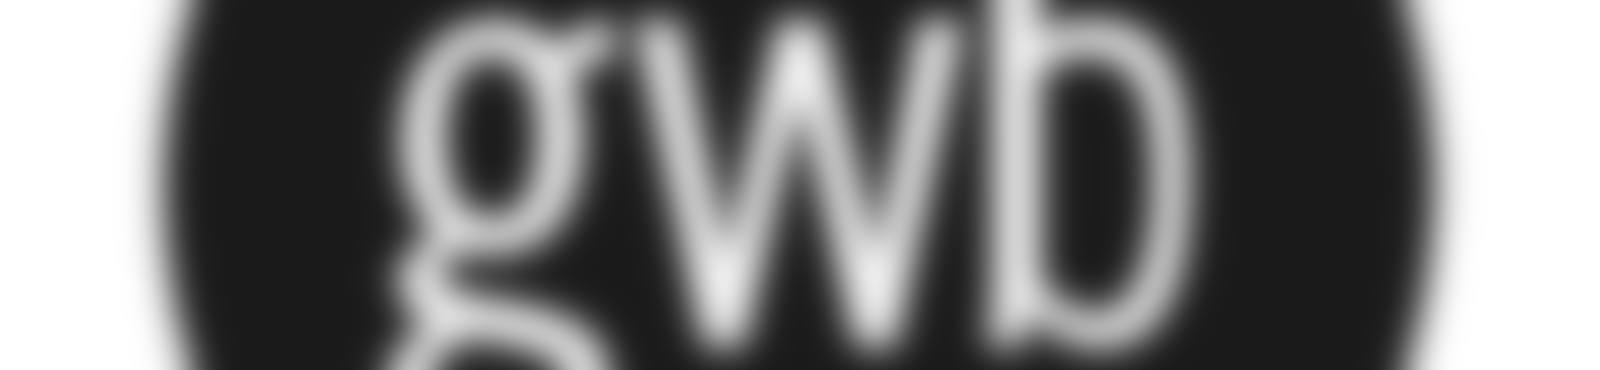 Blurred galerie guido